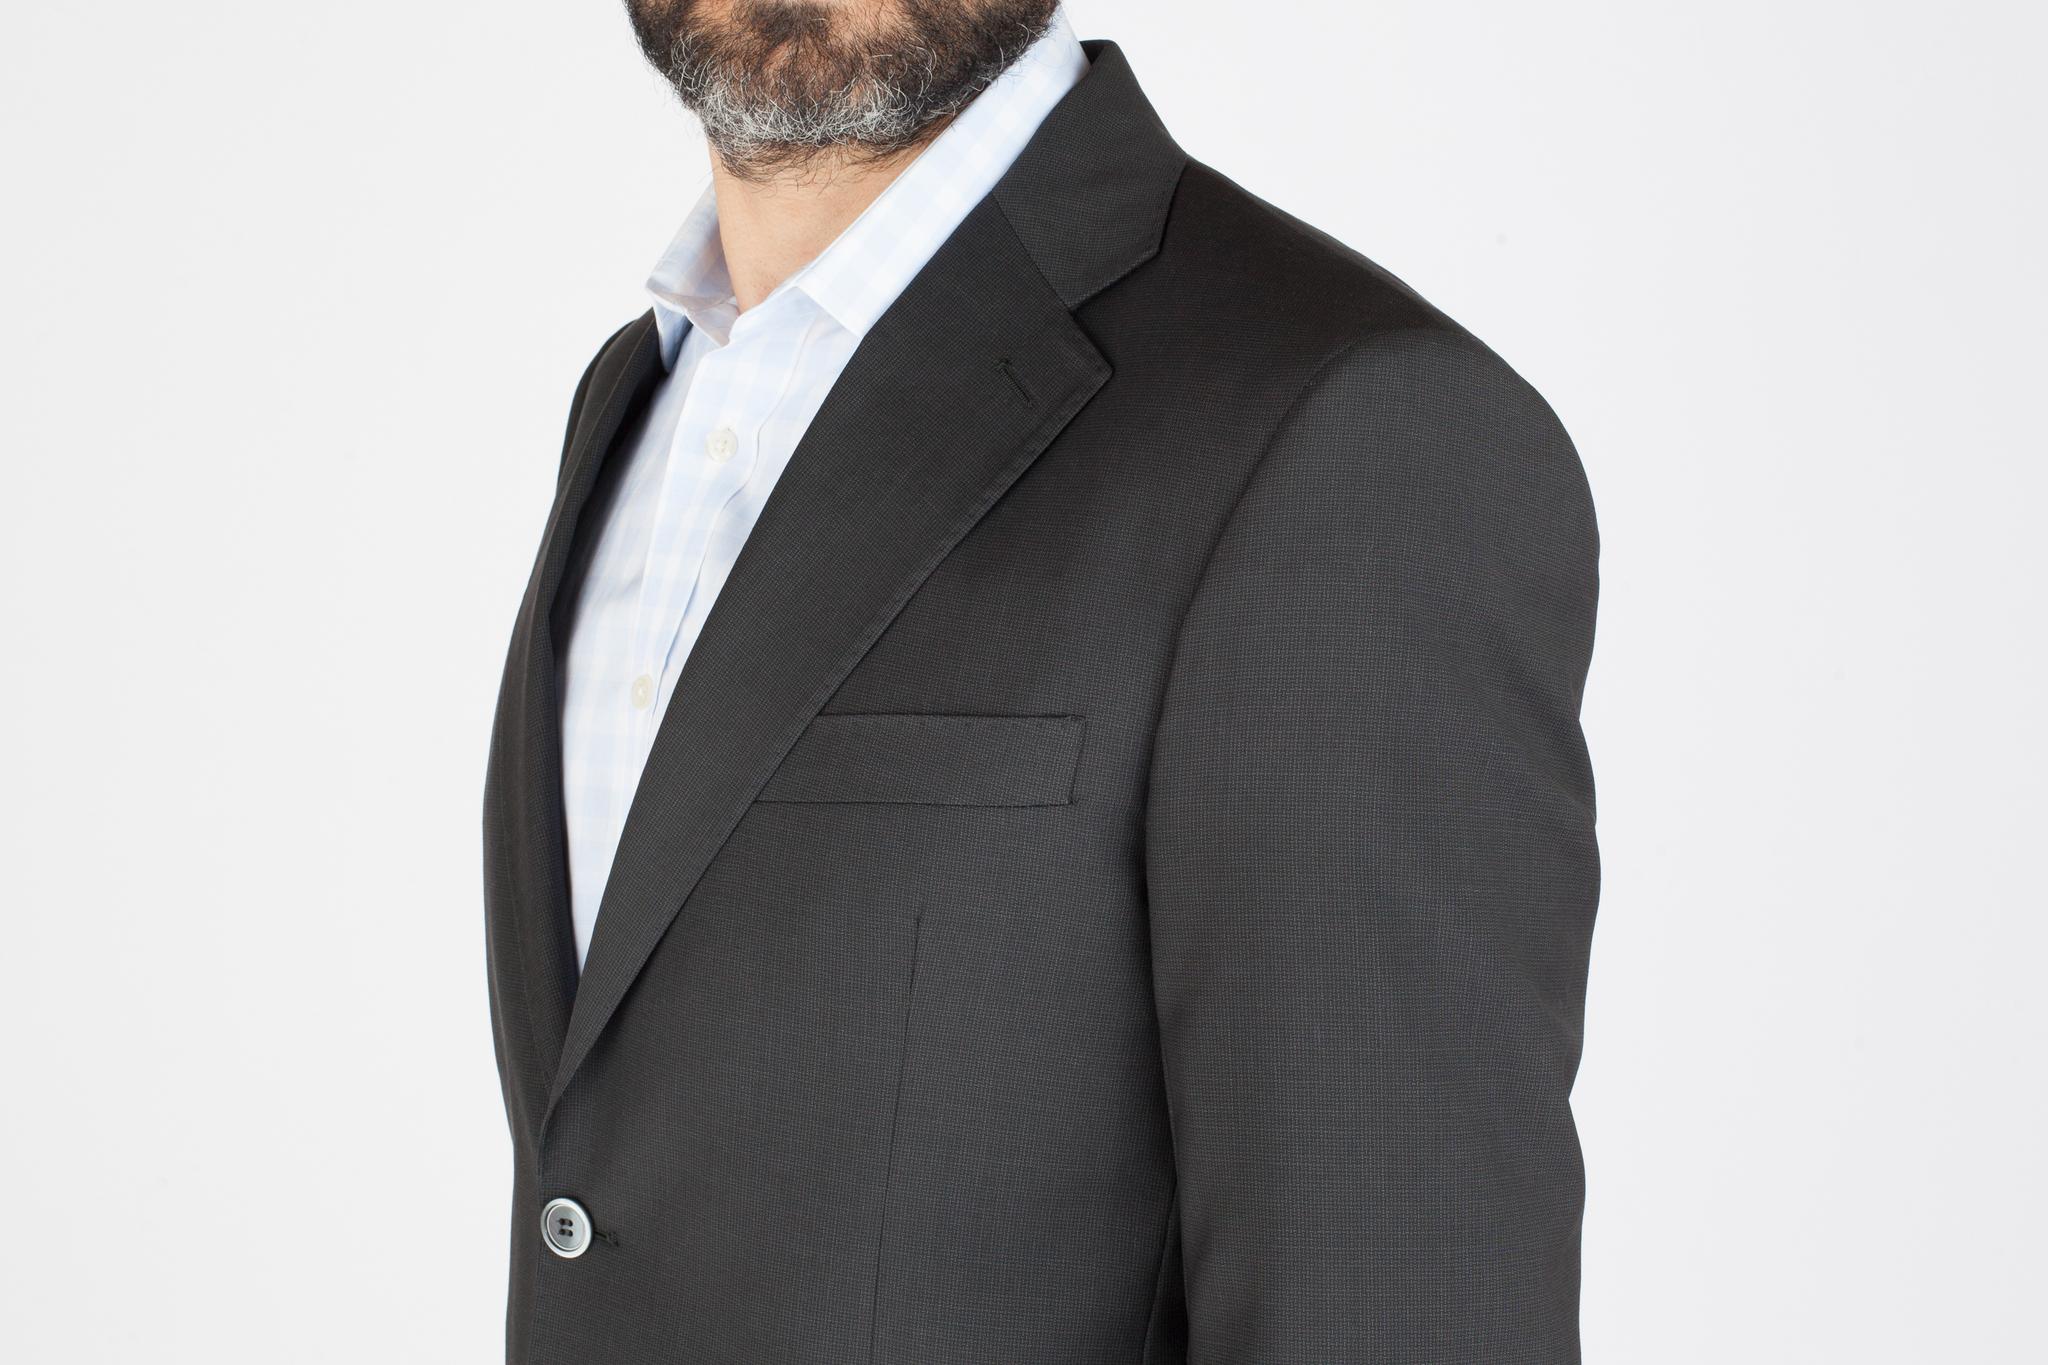 Чёрно-серый костюм из 100%-ной шерсти, нагрудный карман